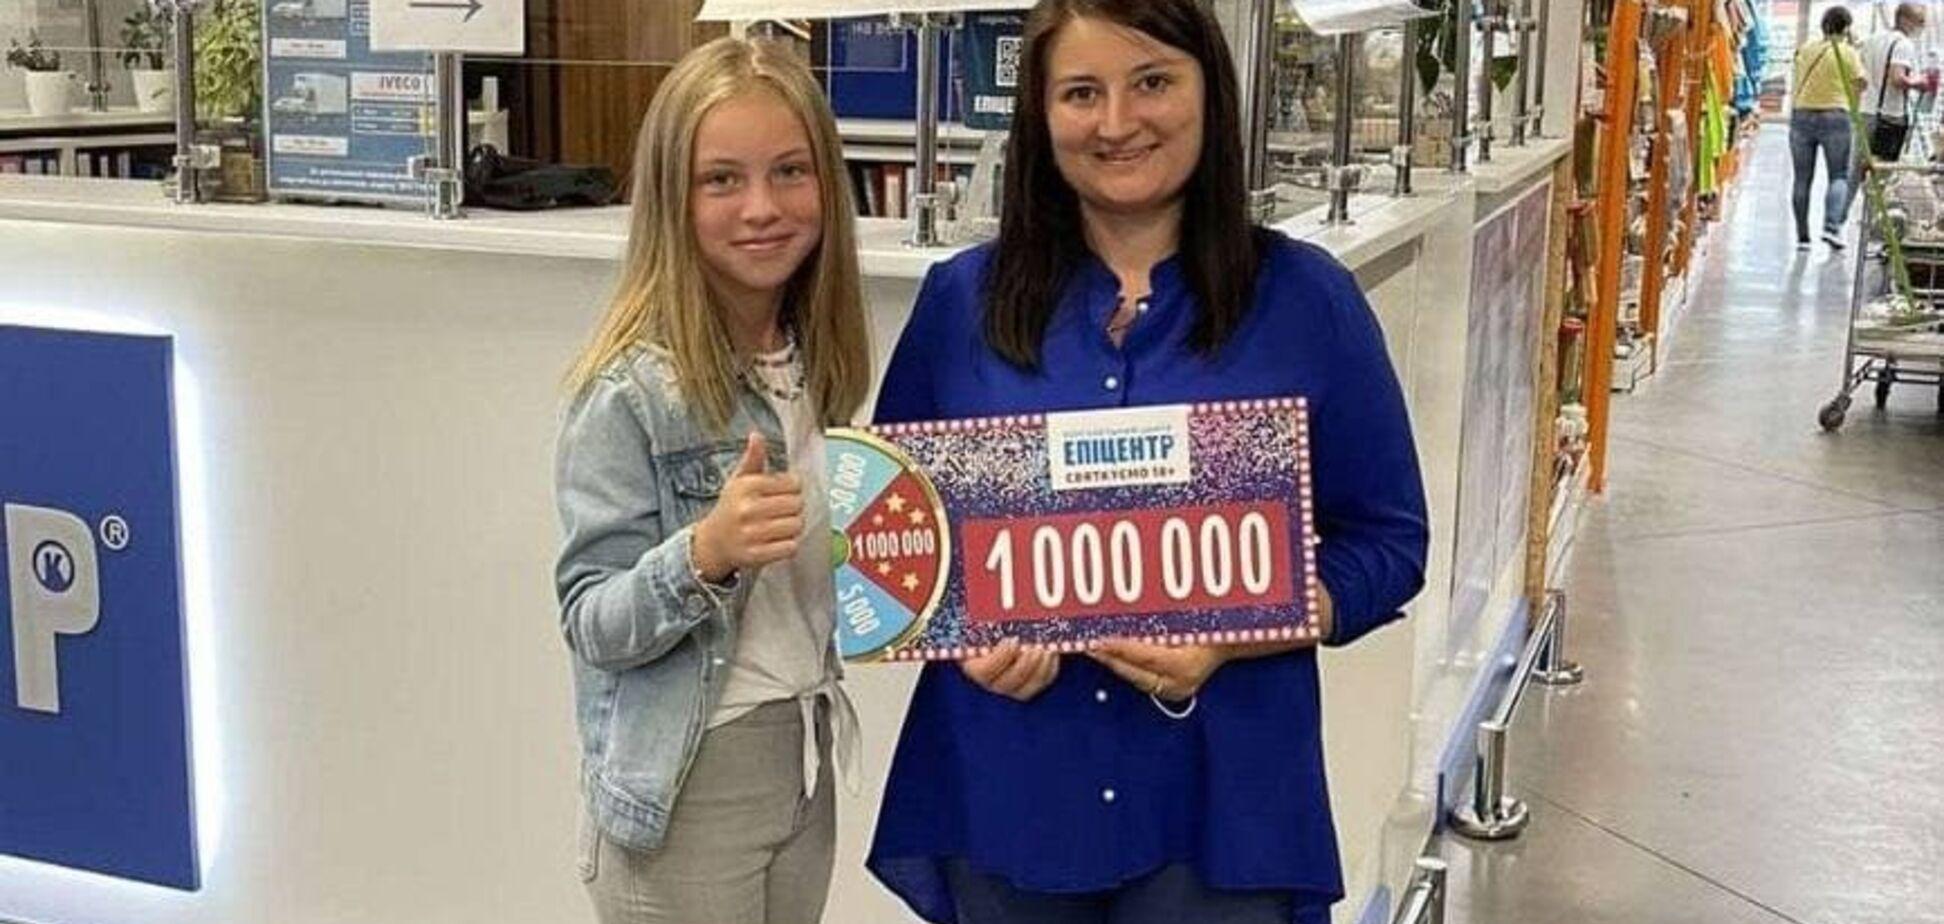 Женщина, которая выиграла миллион в 'Эпицентре' на Львовщине, рассказала о заветной мечте